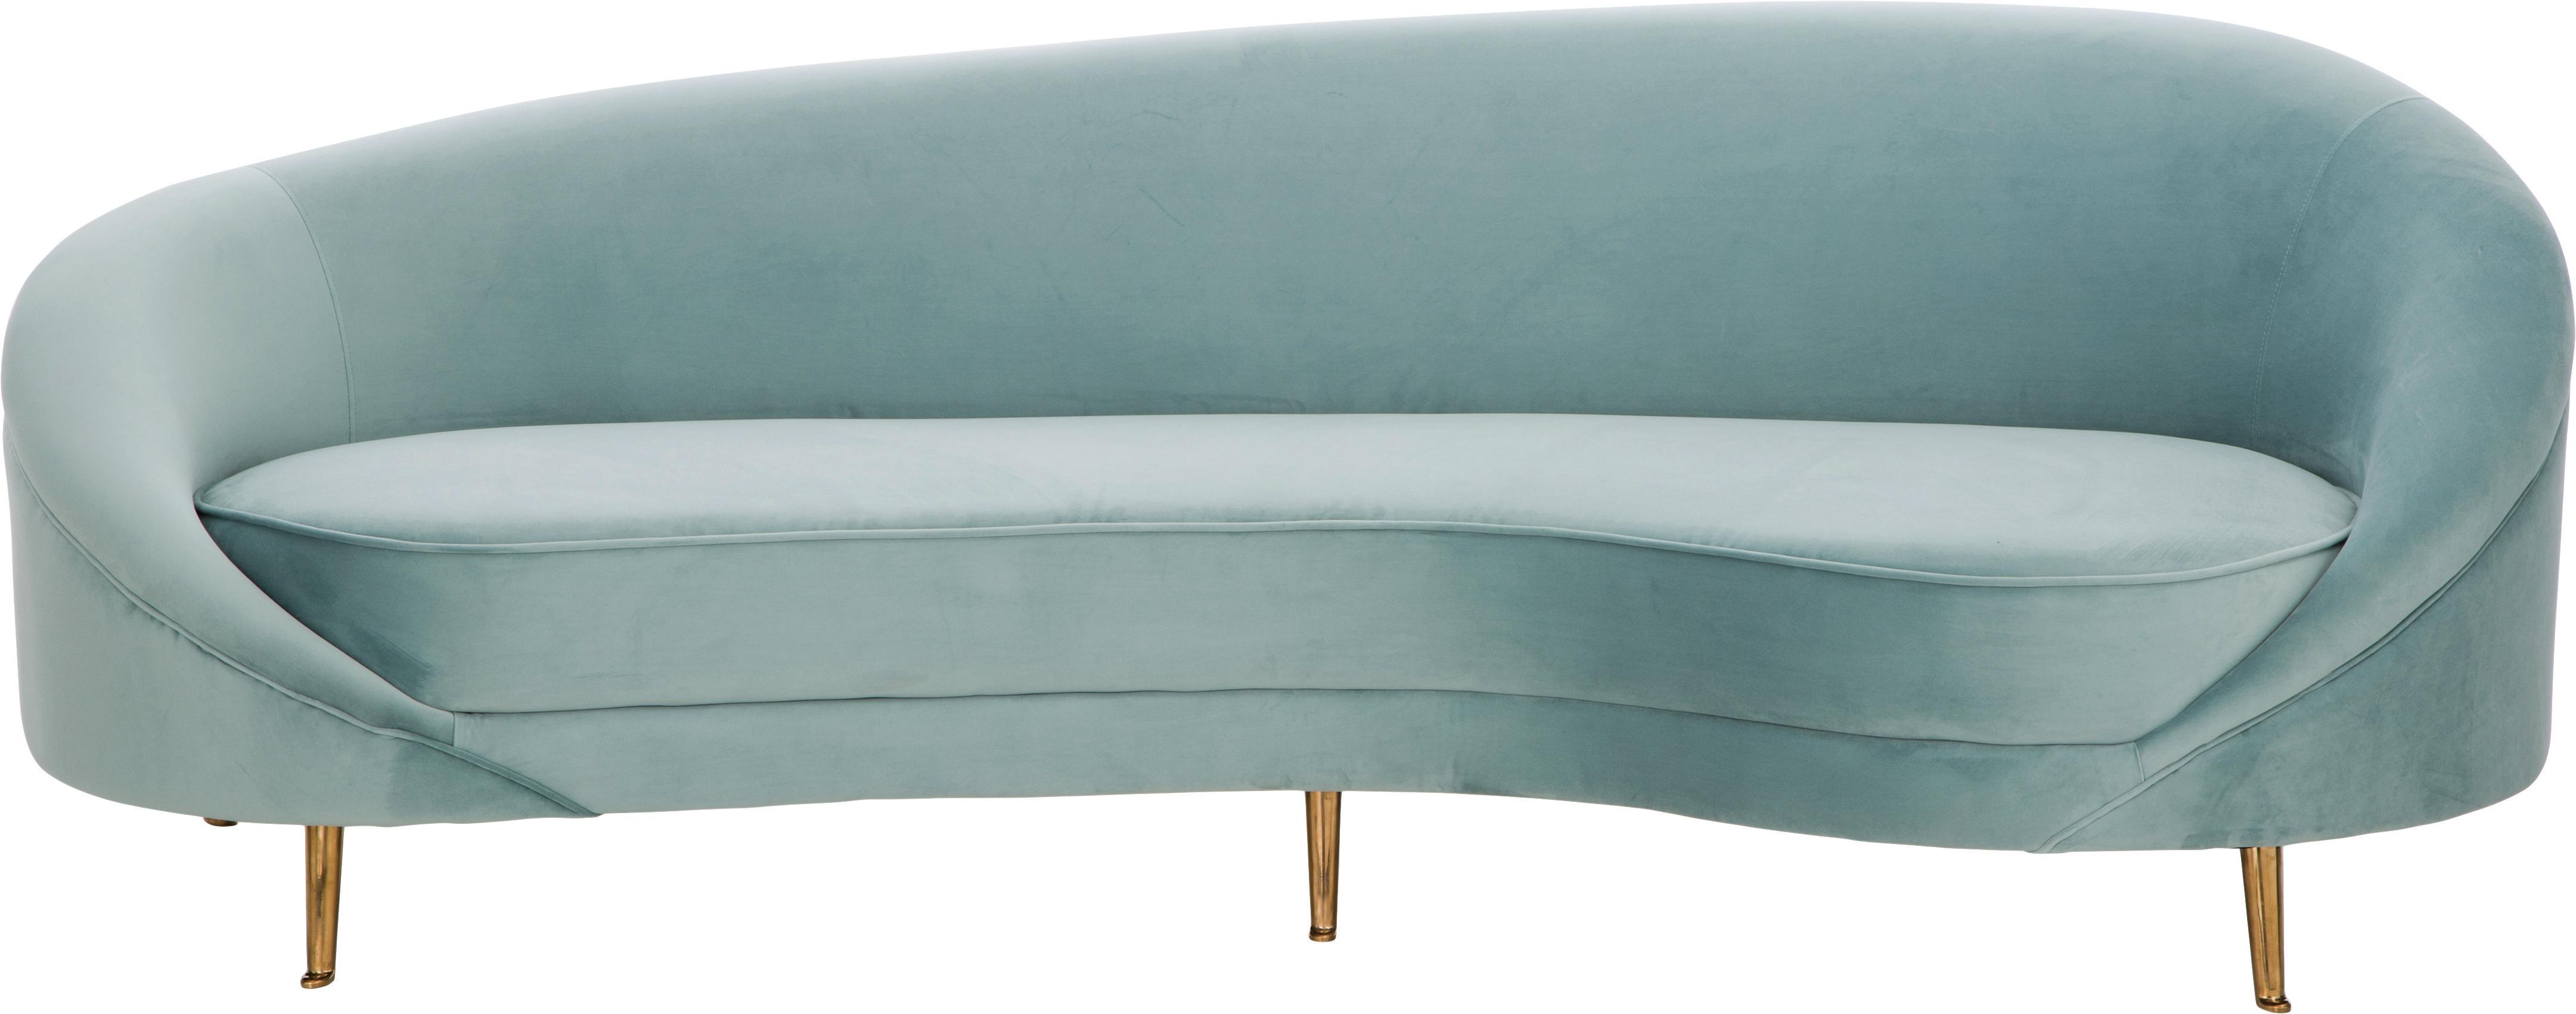 Sofá de terciopelo con forma de riñón Gatsby (3plazas), Tapizado: terciopelo (poliéster) 25, Estructura: madera de eucalipto maciz, Patas: metal galvanizado, Terciopelo turquesa, An 245 x F 102 cm